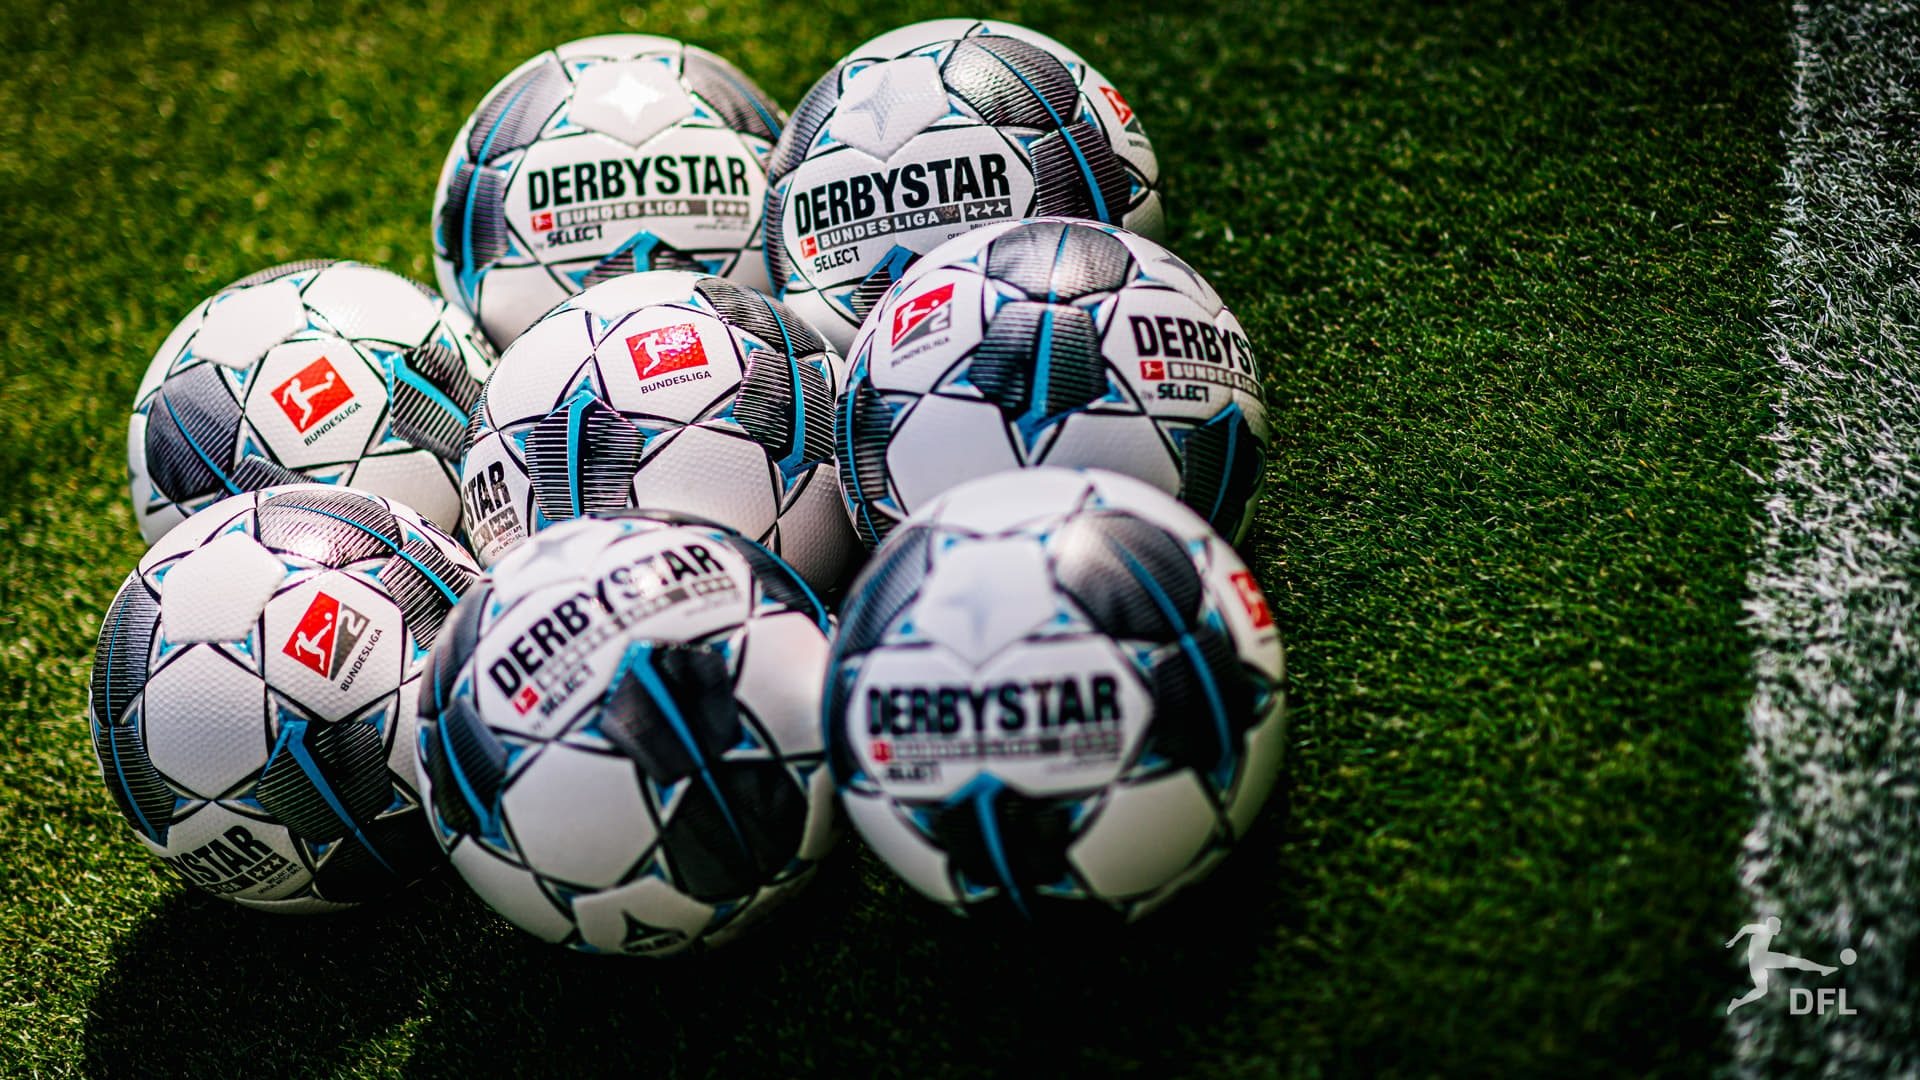 Германският футболен съюз обяви, че е останал изненадан от решението